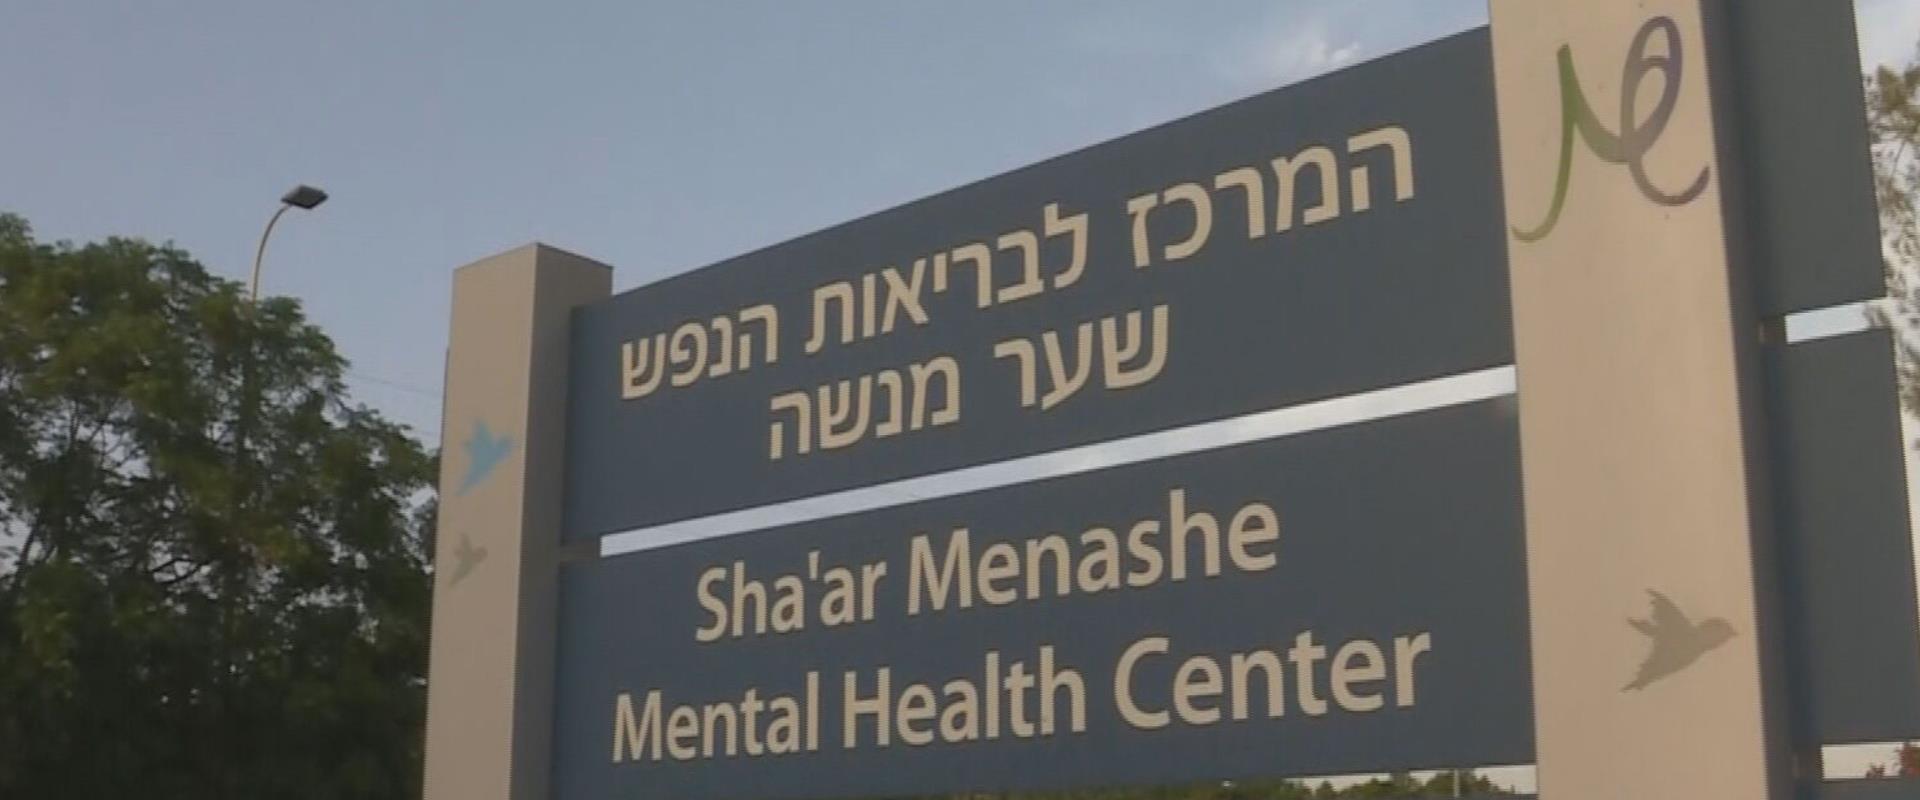 המרכז לבריאות הנפש שער מנשה, ארכיון